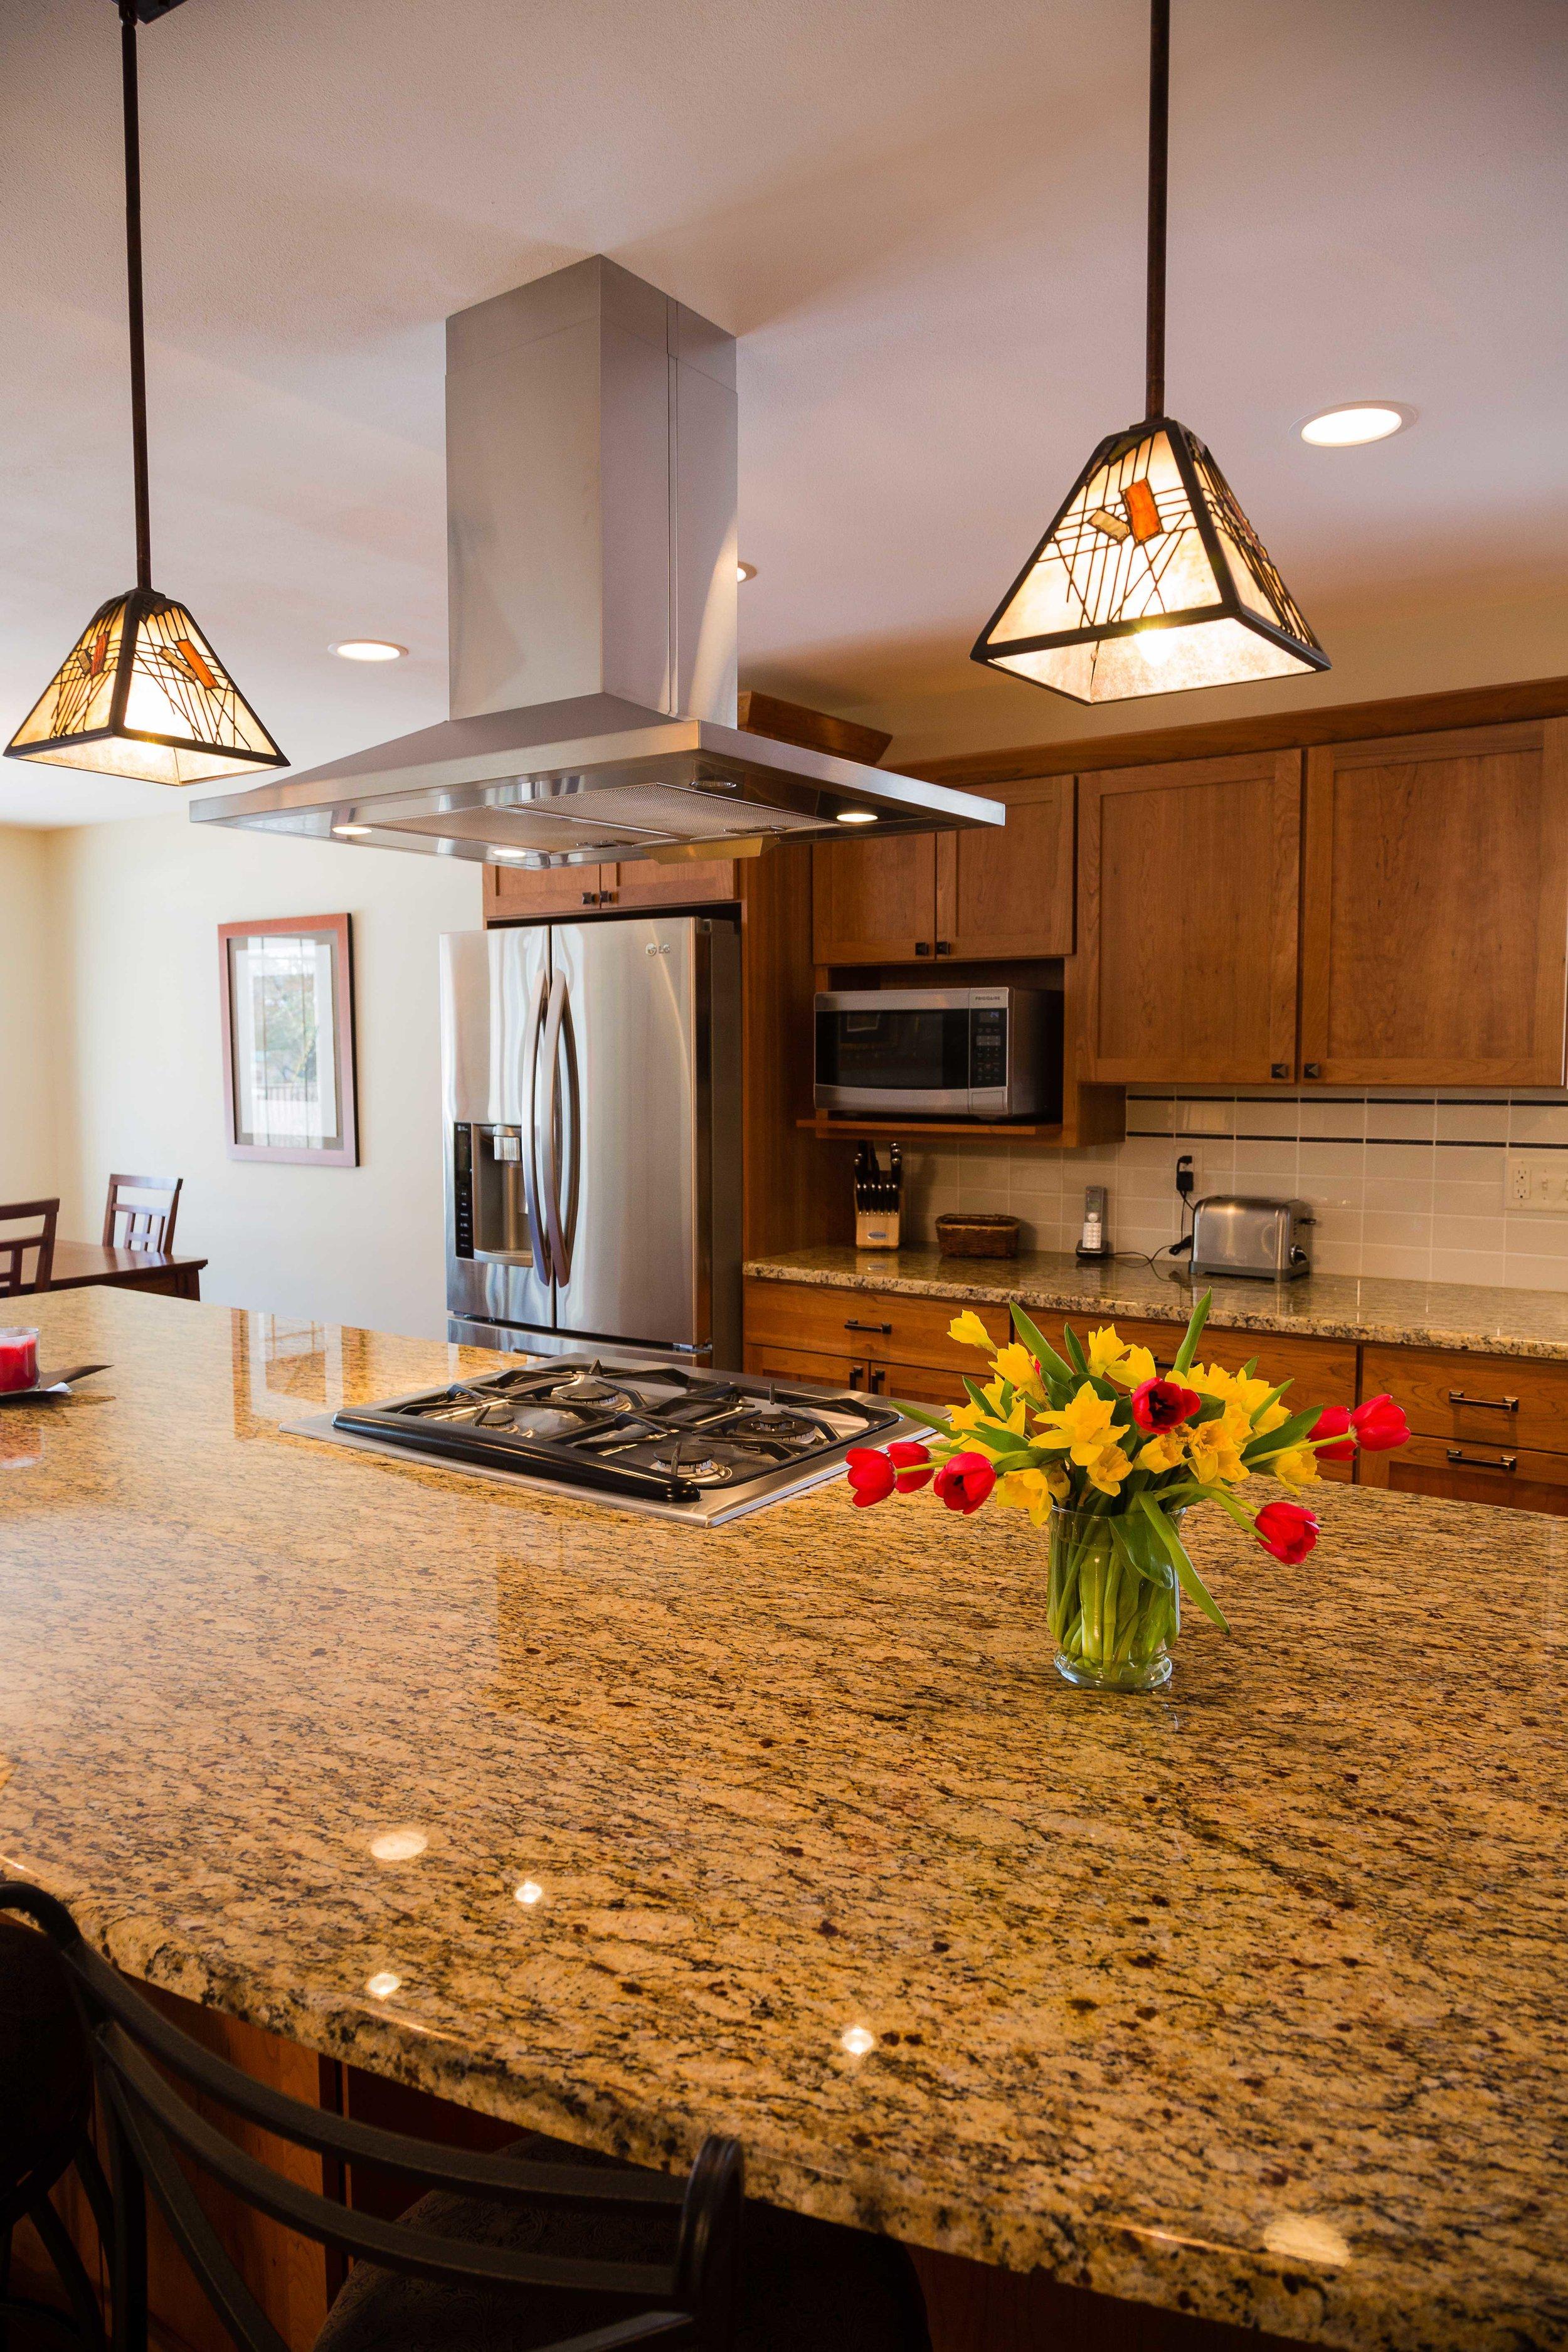 Proper Ventilation Selecting A Range Hood For A Kitchen Remodel Degnan Design Build Remodel